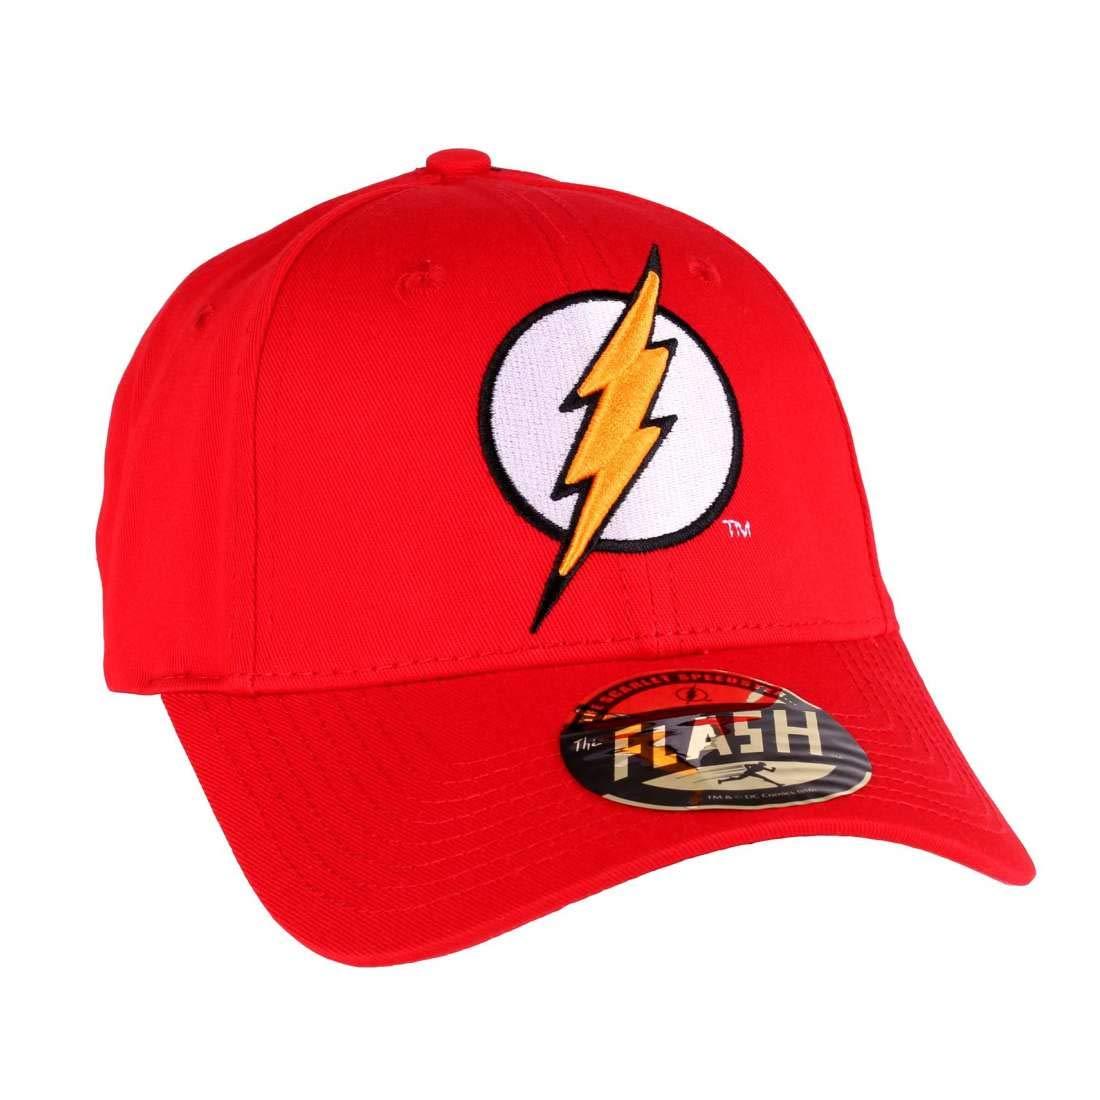 FLASH - Cap Red cotton division 3307